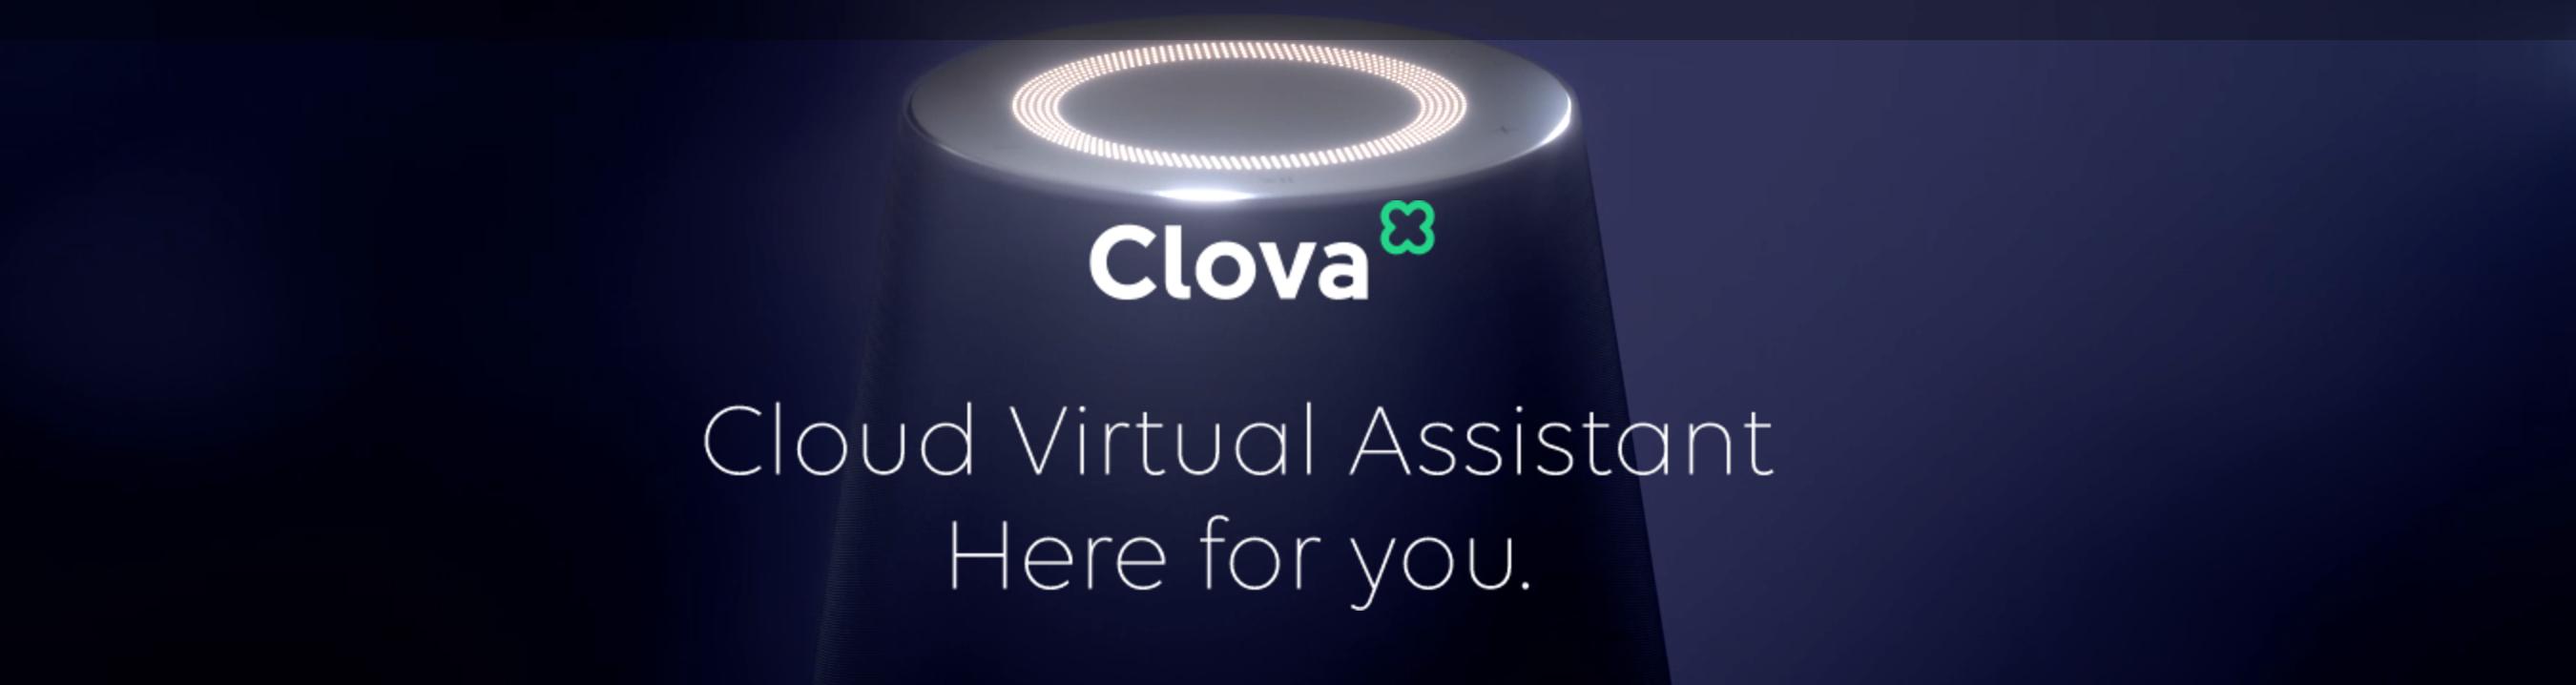 LINEが発表したClova(クローバ)とは?アプリ「Clova App」音声認識スピーカー「WAVE」も発売